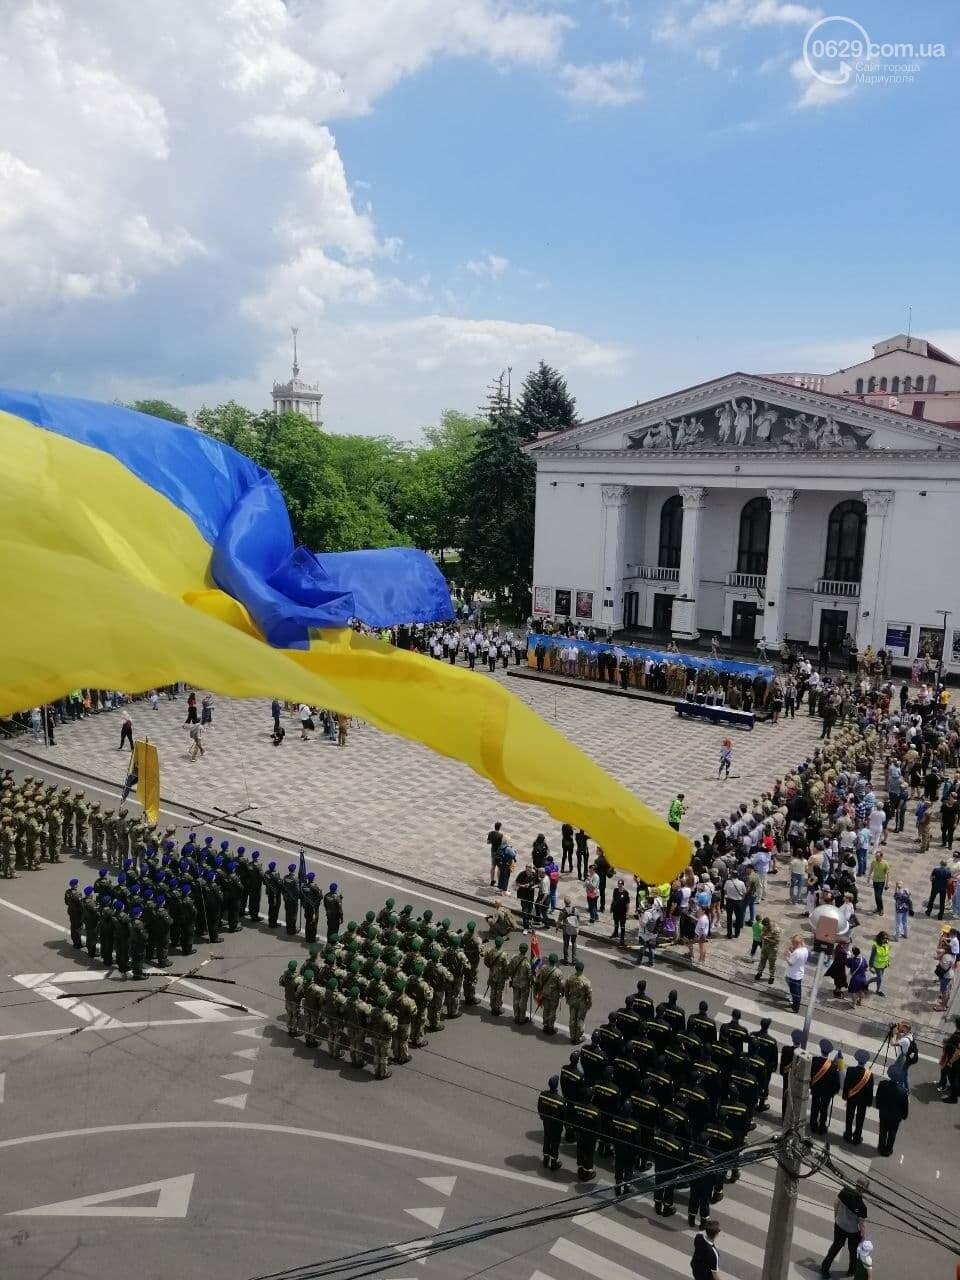 Без мэра. Как прошла в Мариуполе 7-я годовщина освобождения города от террористов и сепаратистов, - ФОТОРЕПОРТАЖ, фото-37